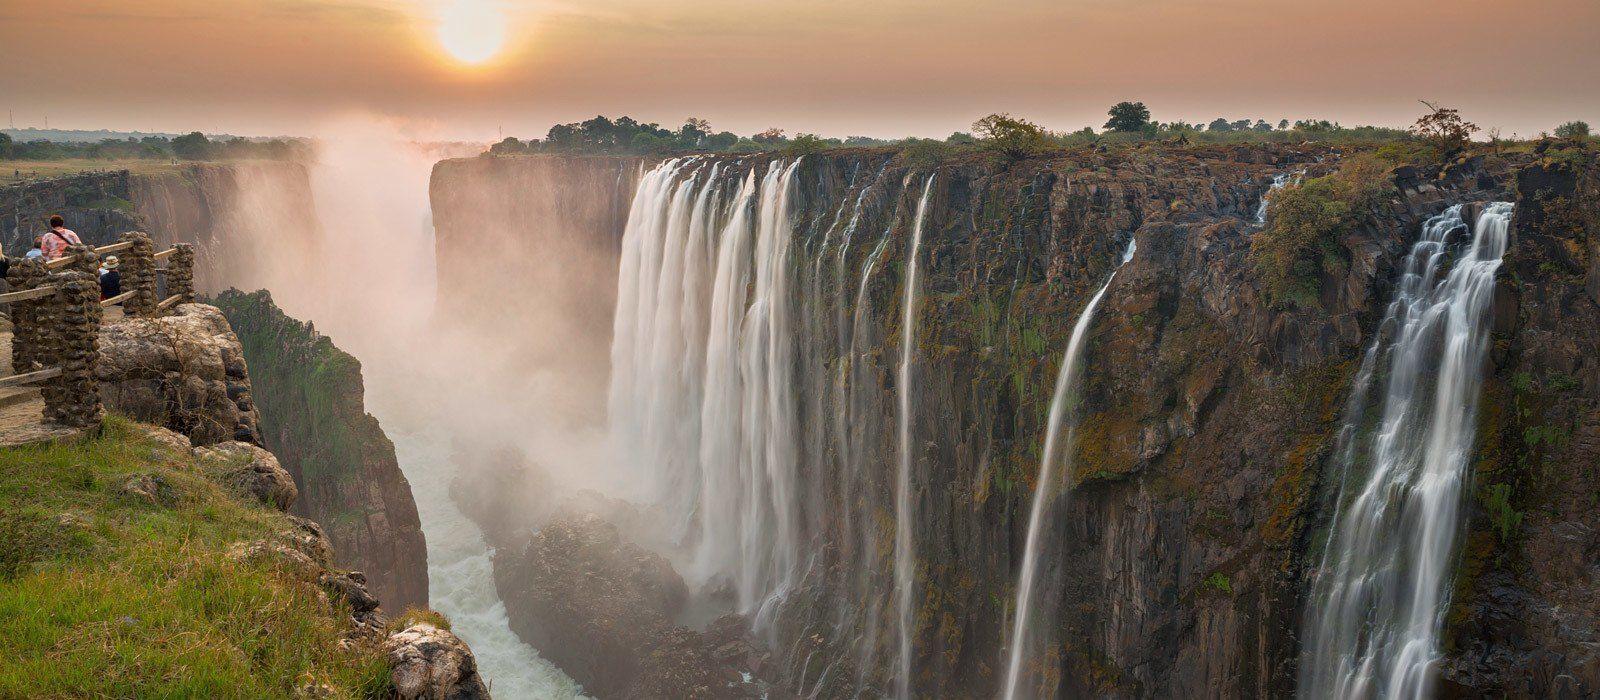 Destination Victoria Falls Zambia Zambia